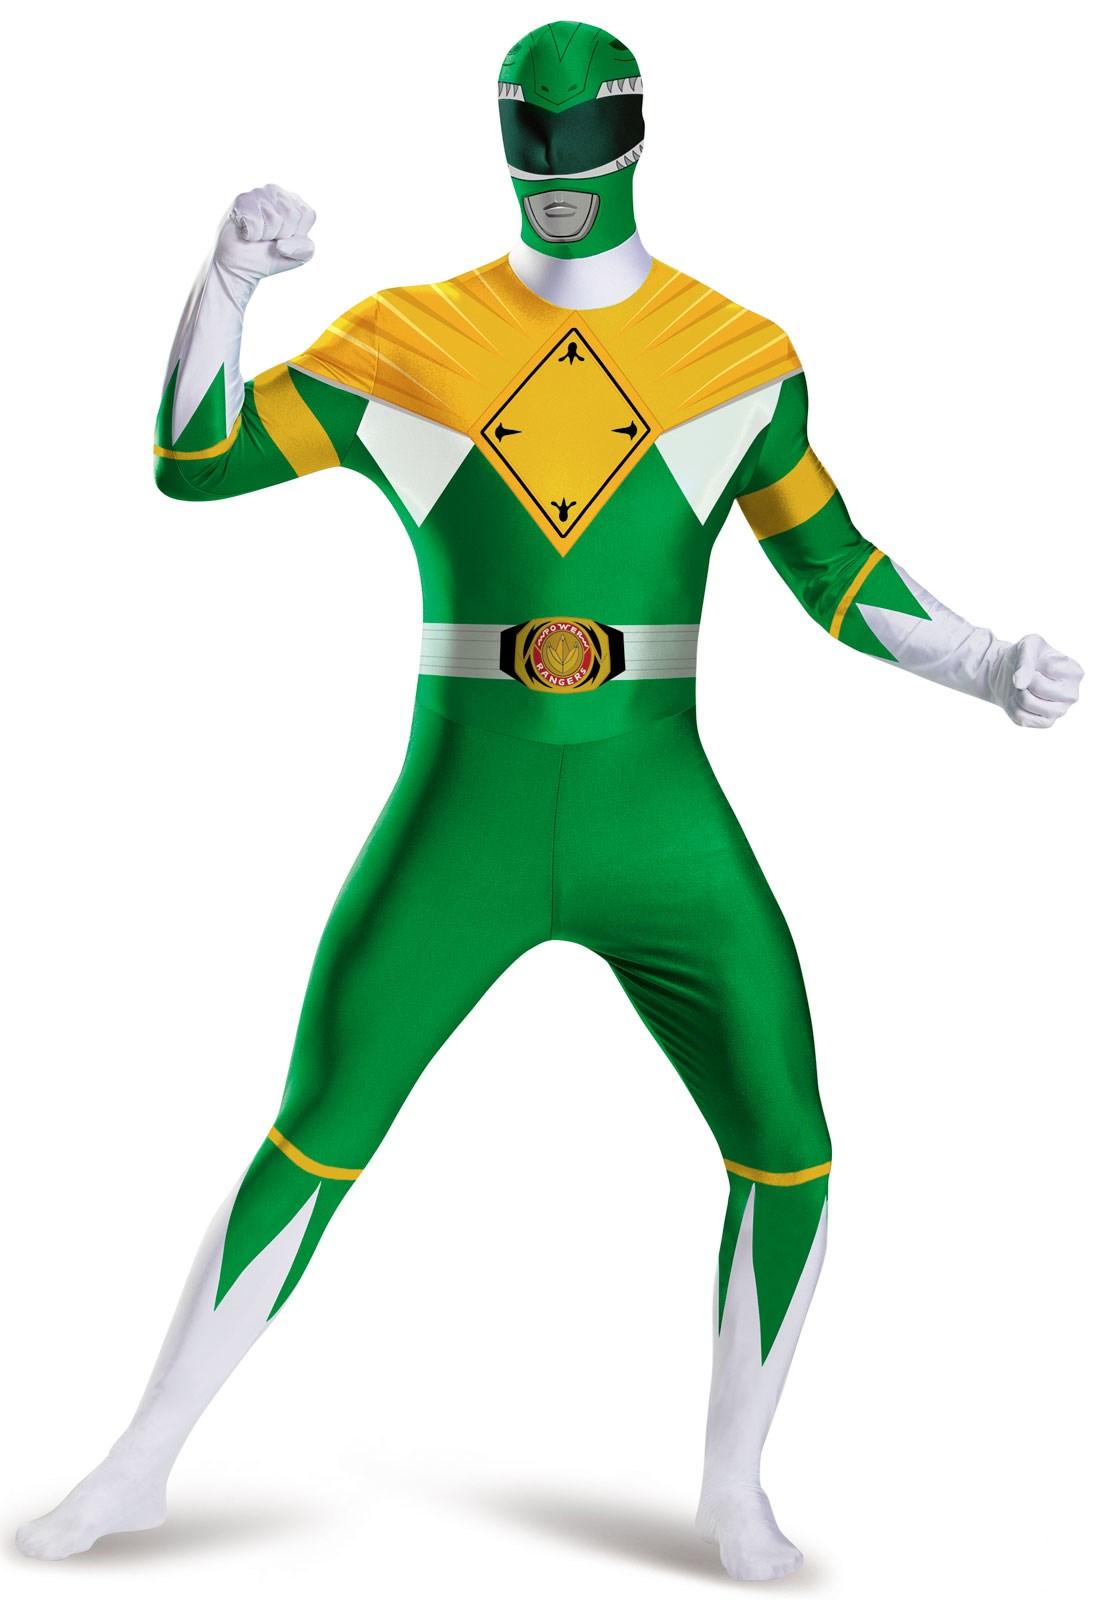 Mighty Morphin Power Rangers: Green Ranger Bodysuit Costume For Teens